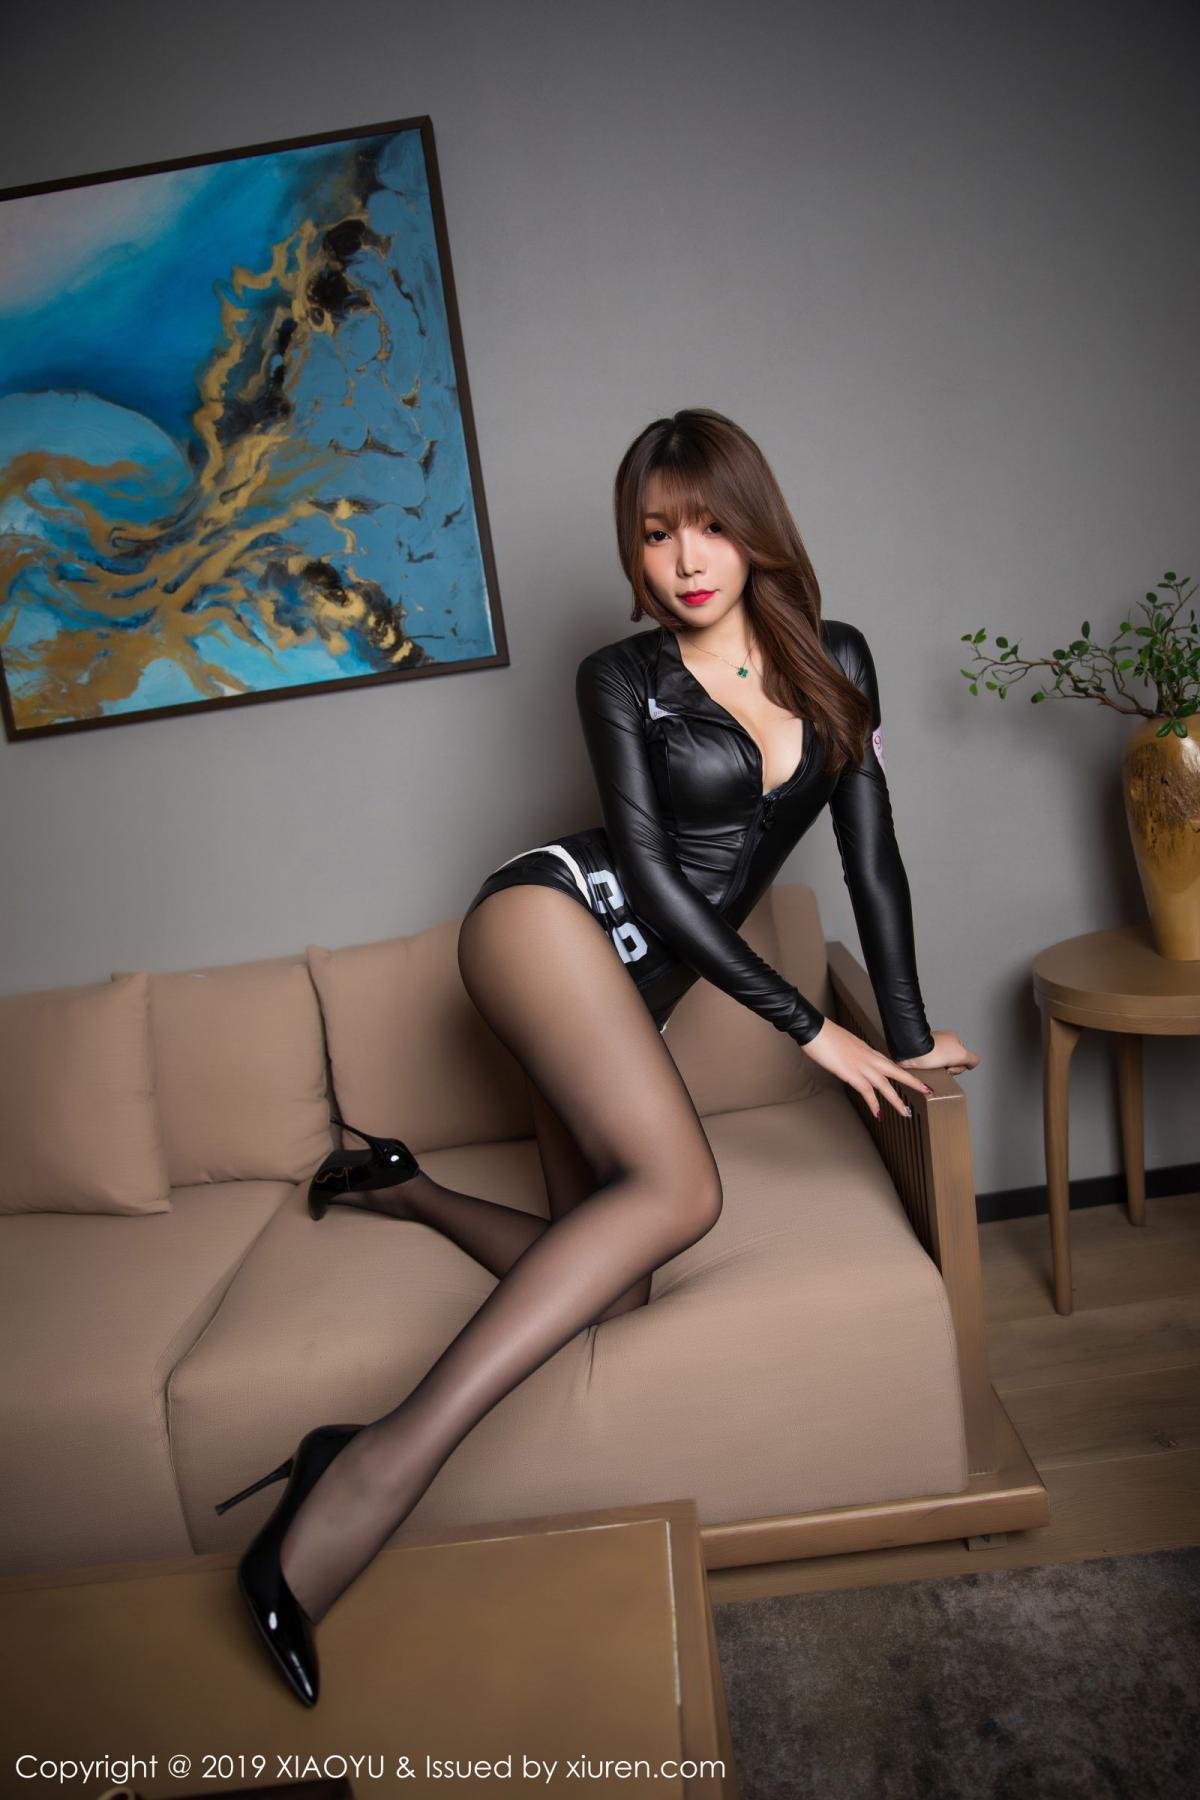 [XiaoYu] Vol.151 Chen Zhi 4P, Adult, Chen Zhi, XiaoYu